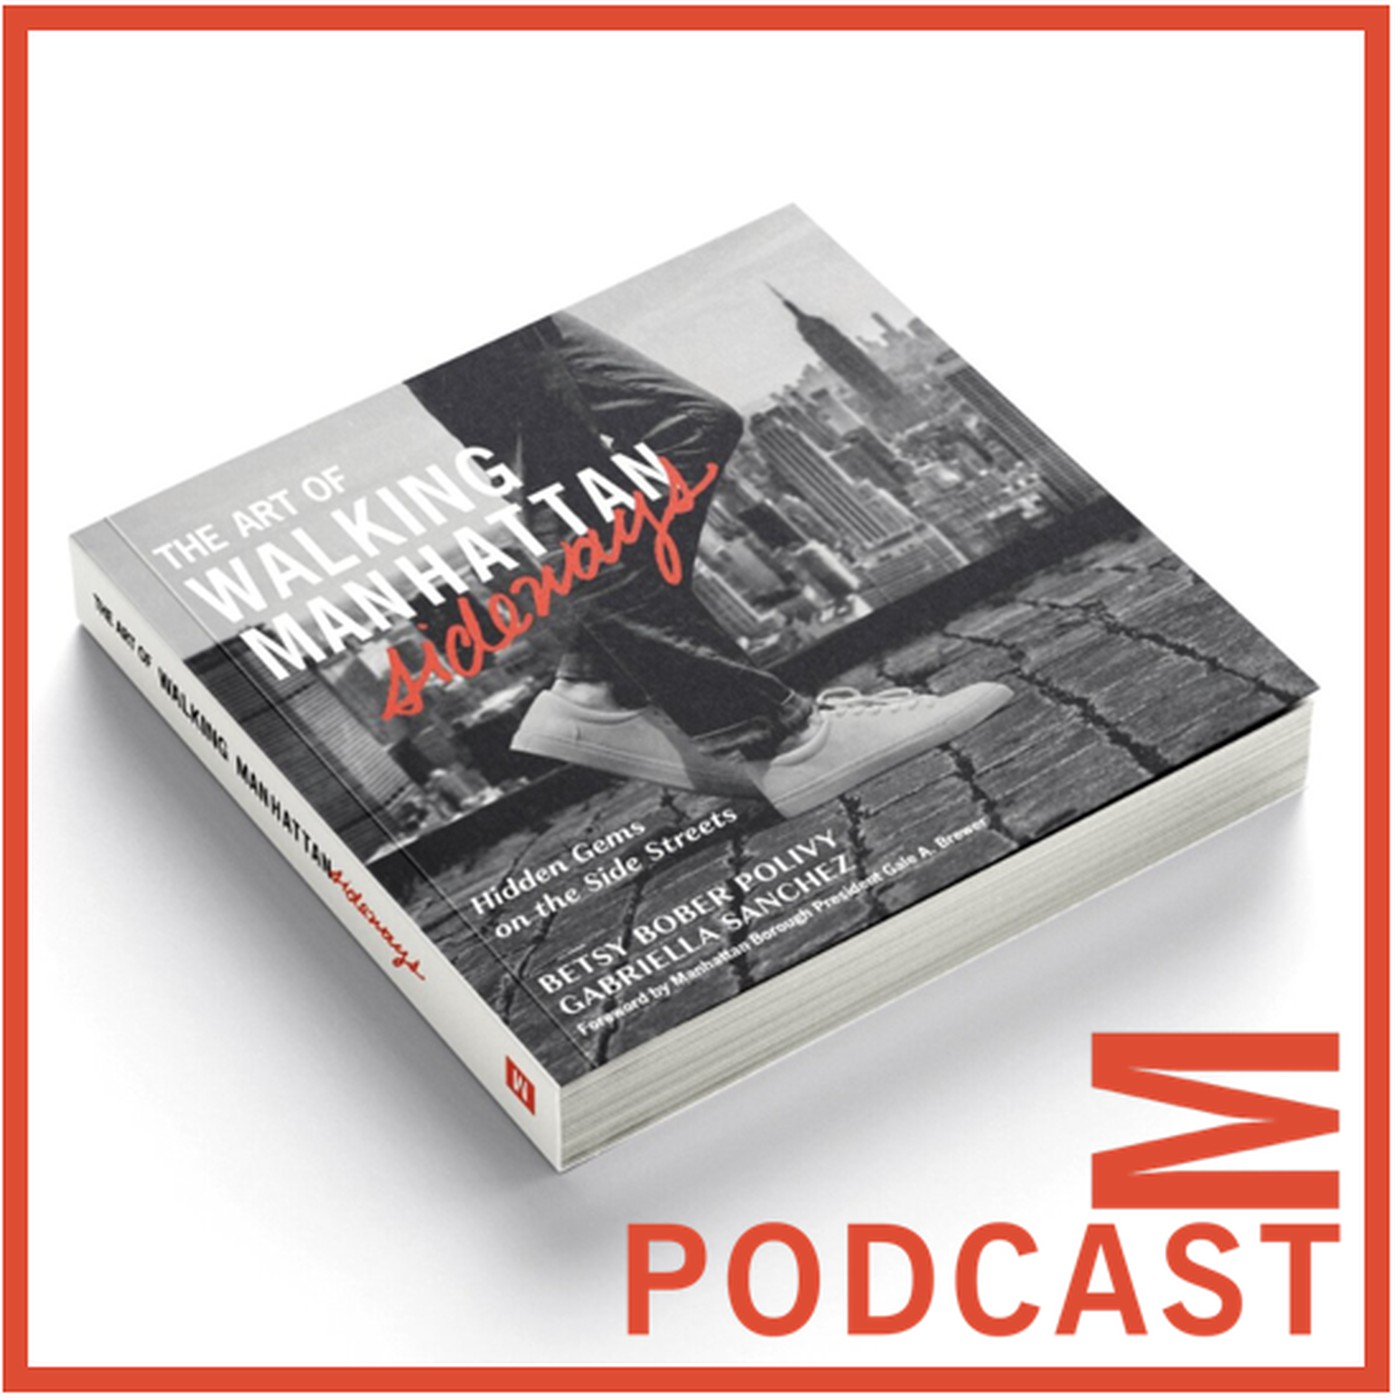 Episode 45: The Art of Walking Manhattan Sideways